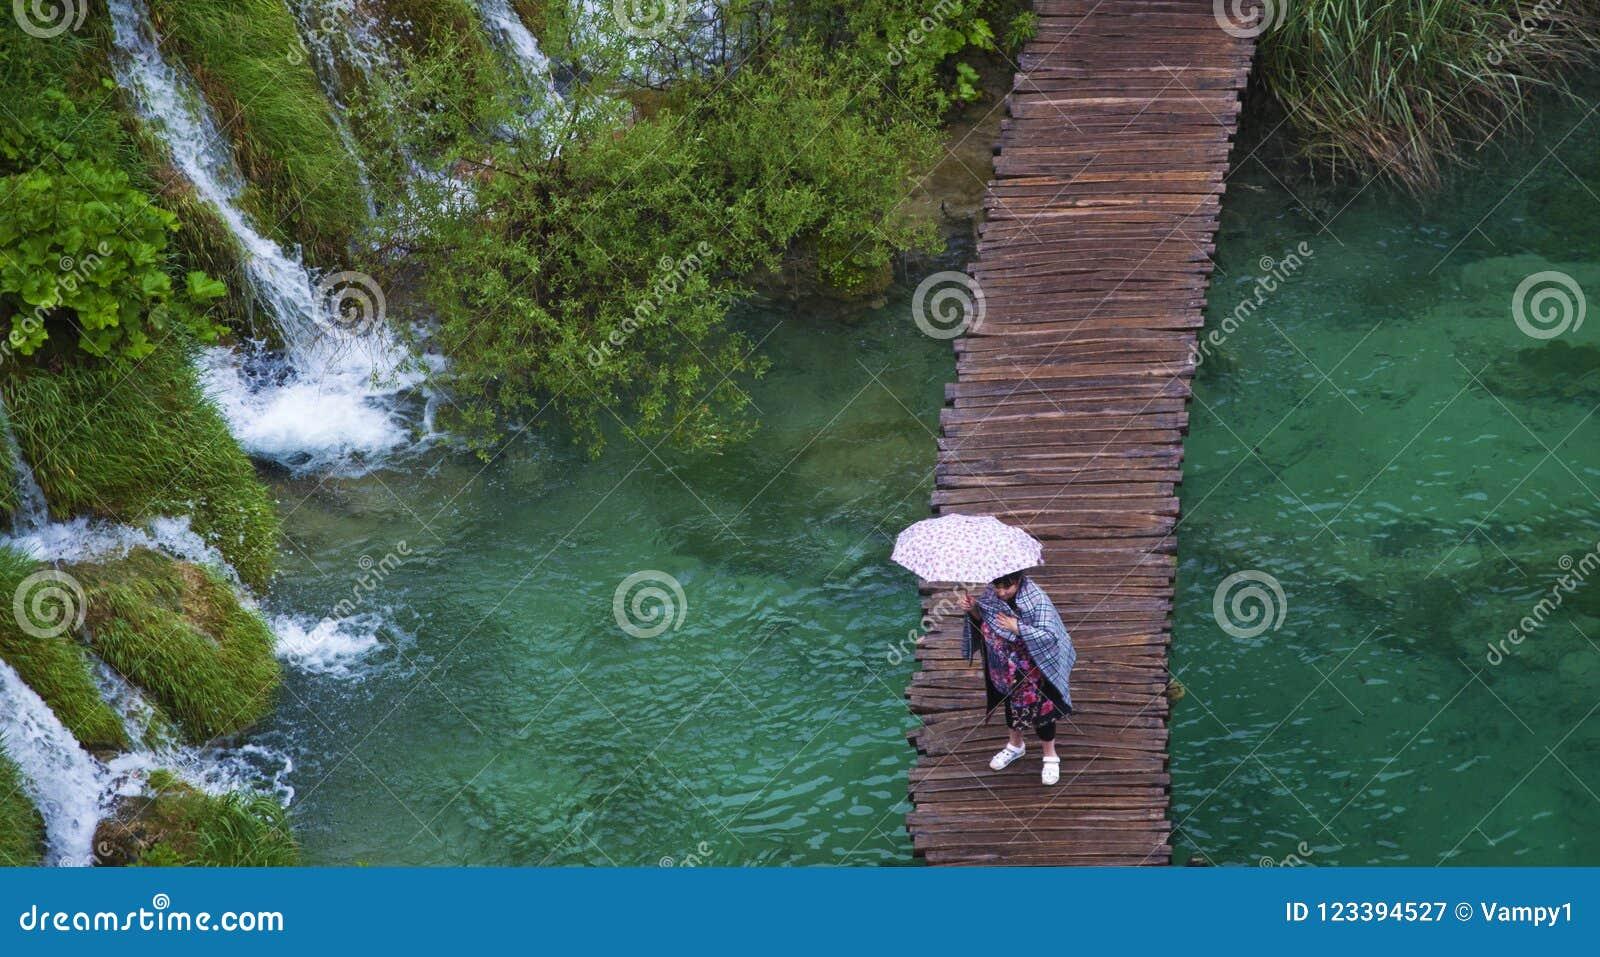 Parco nazionale dei laghi plitvice cascata lago passaggio